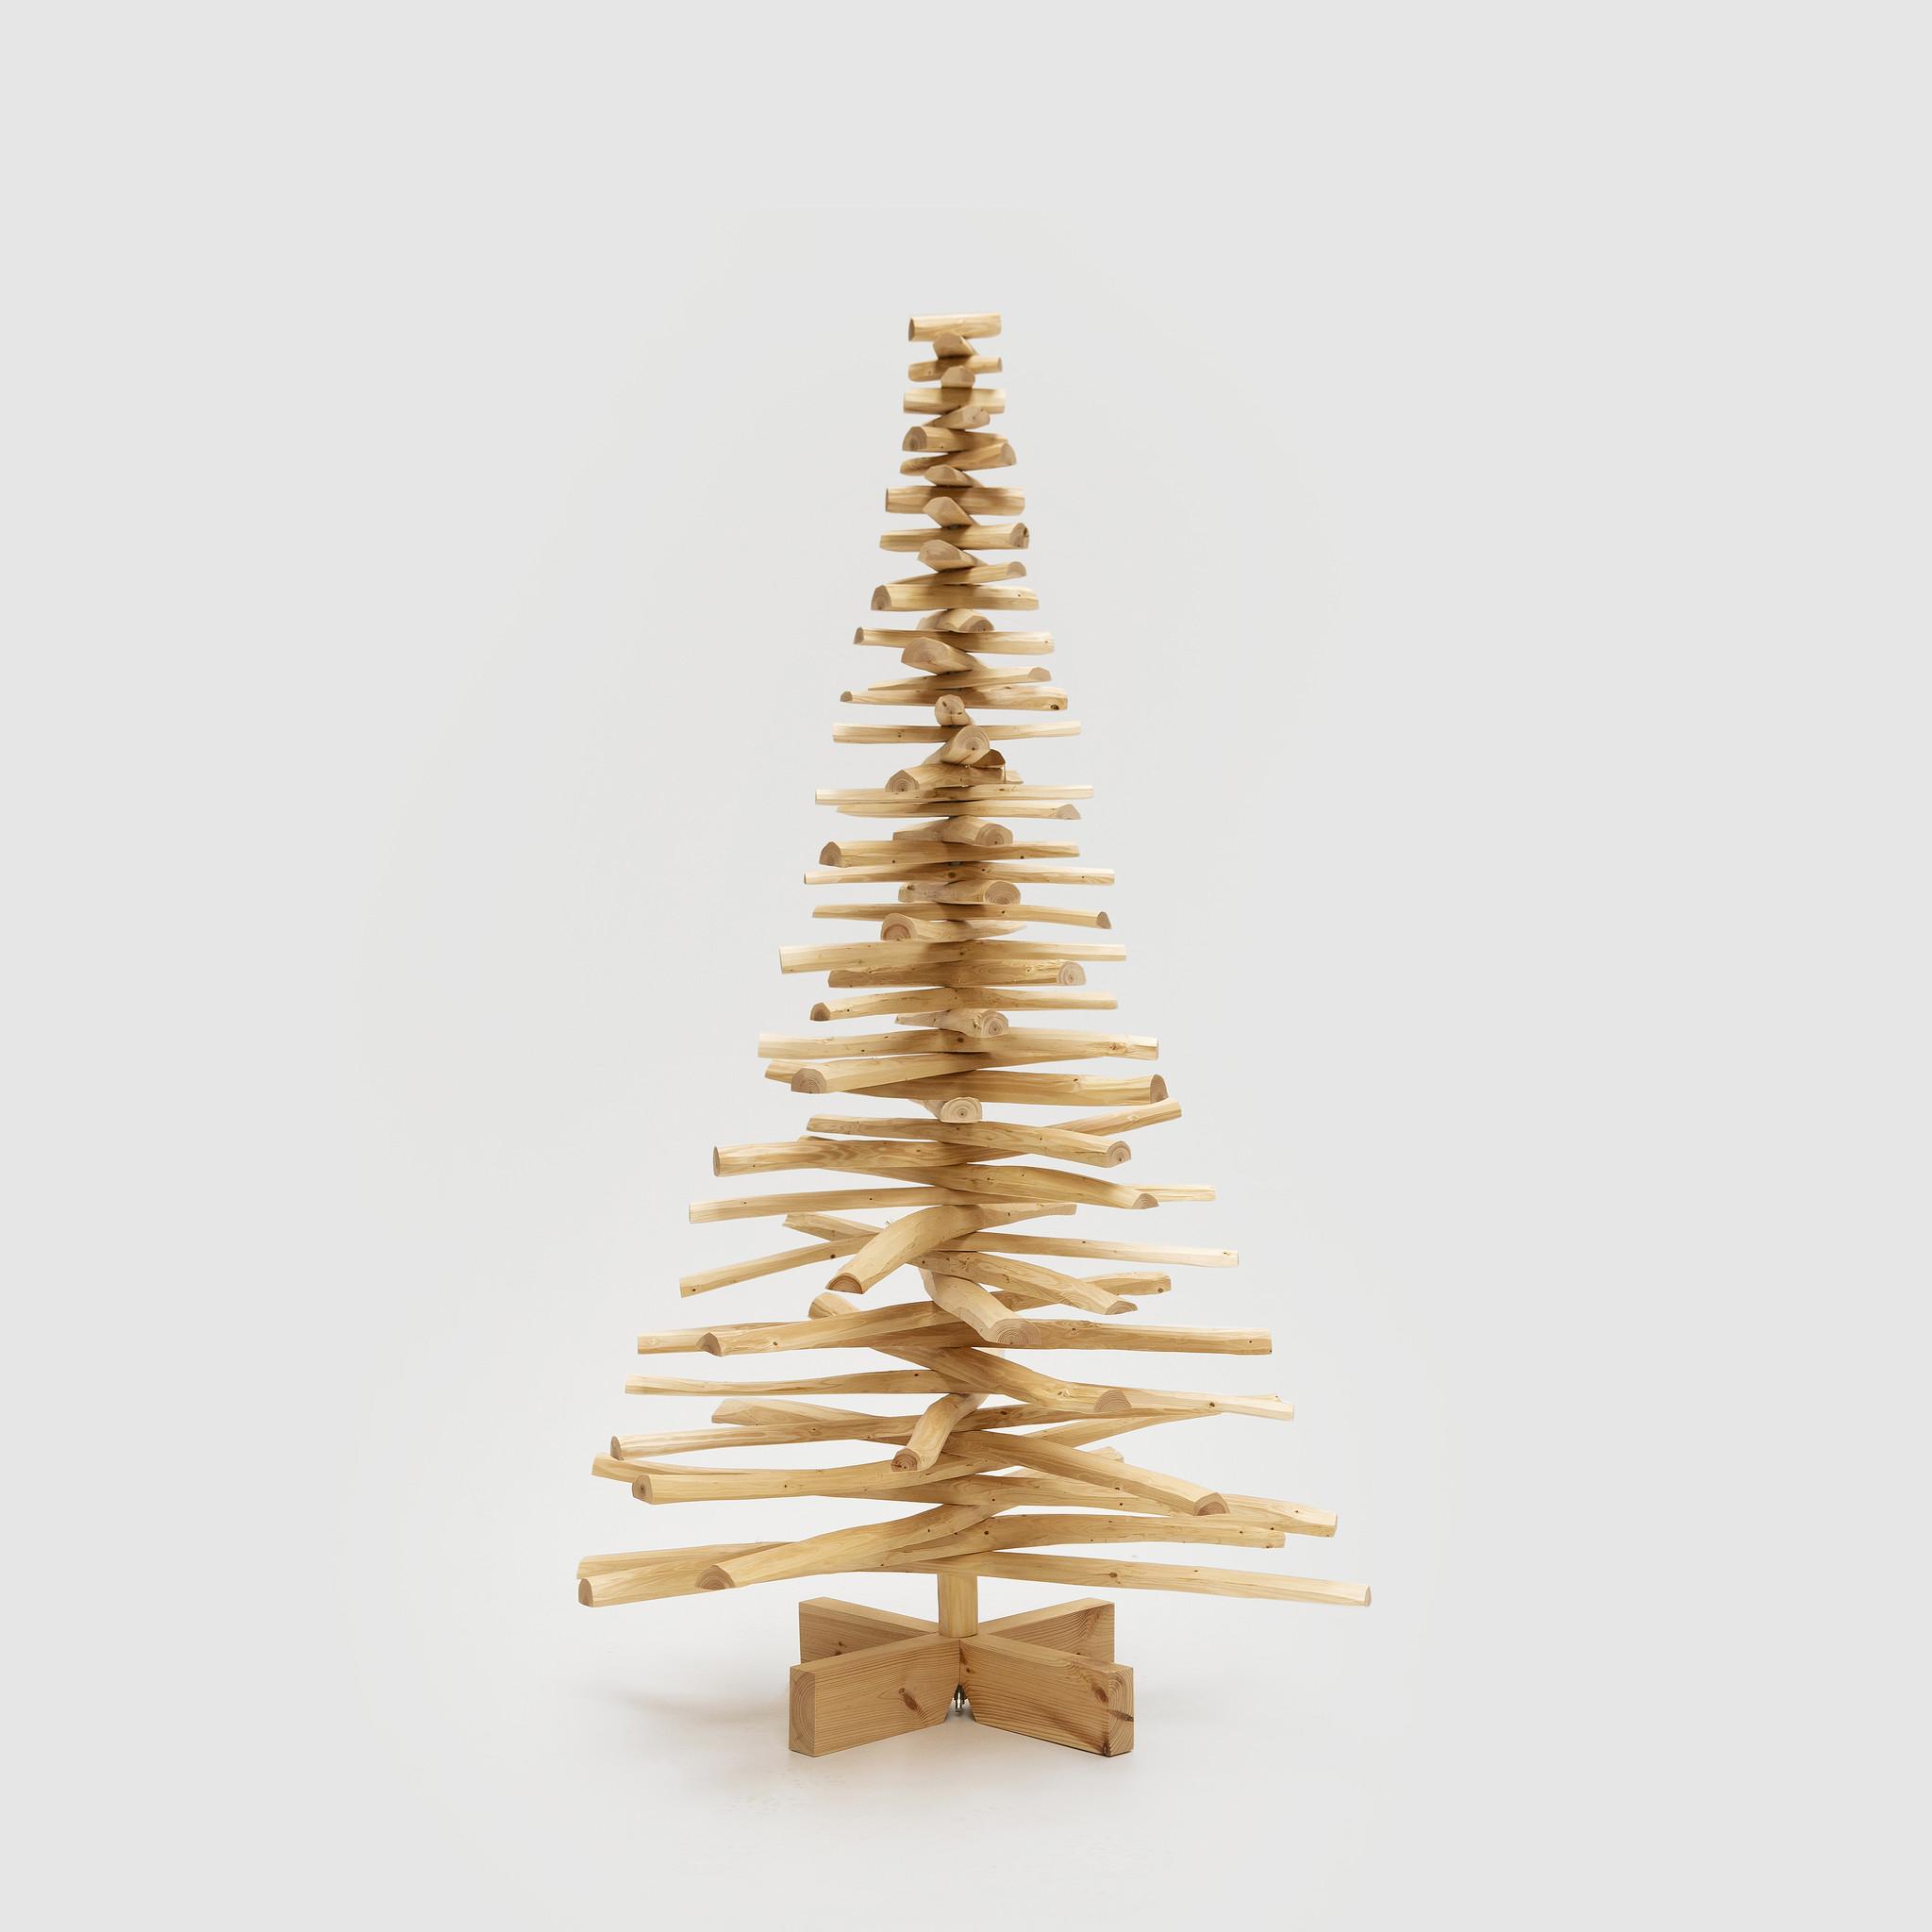 Houten kerstboom douglas takken